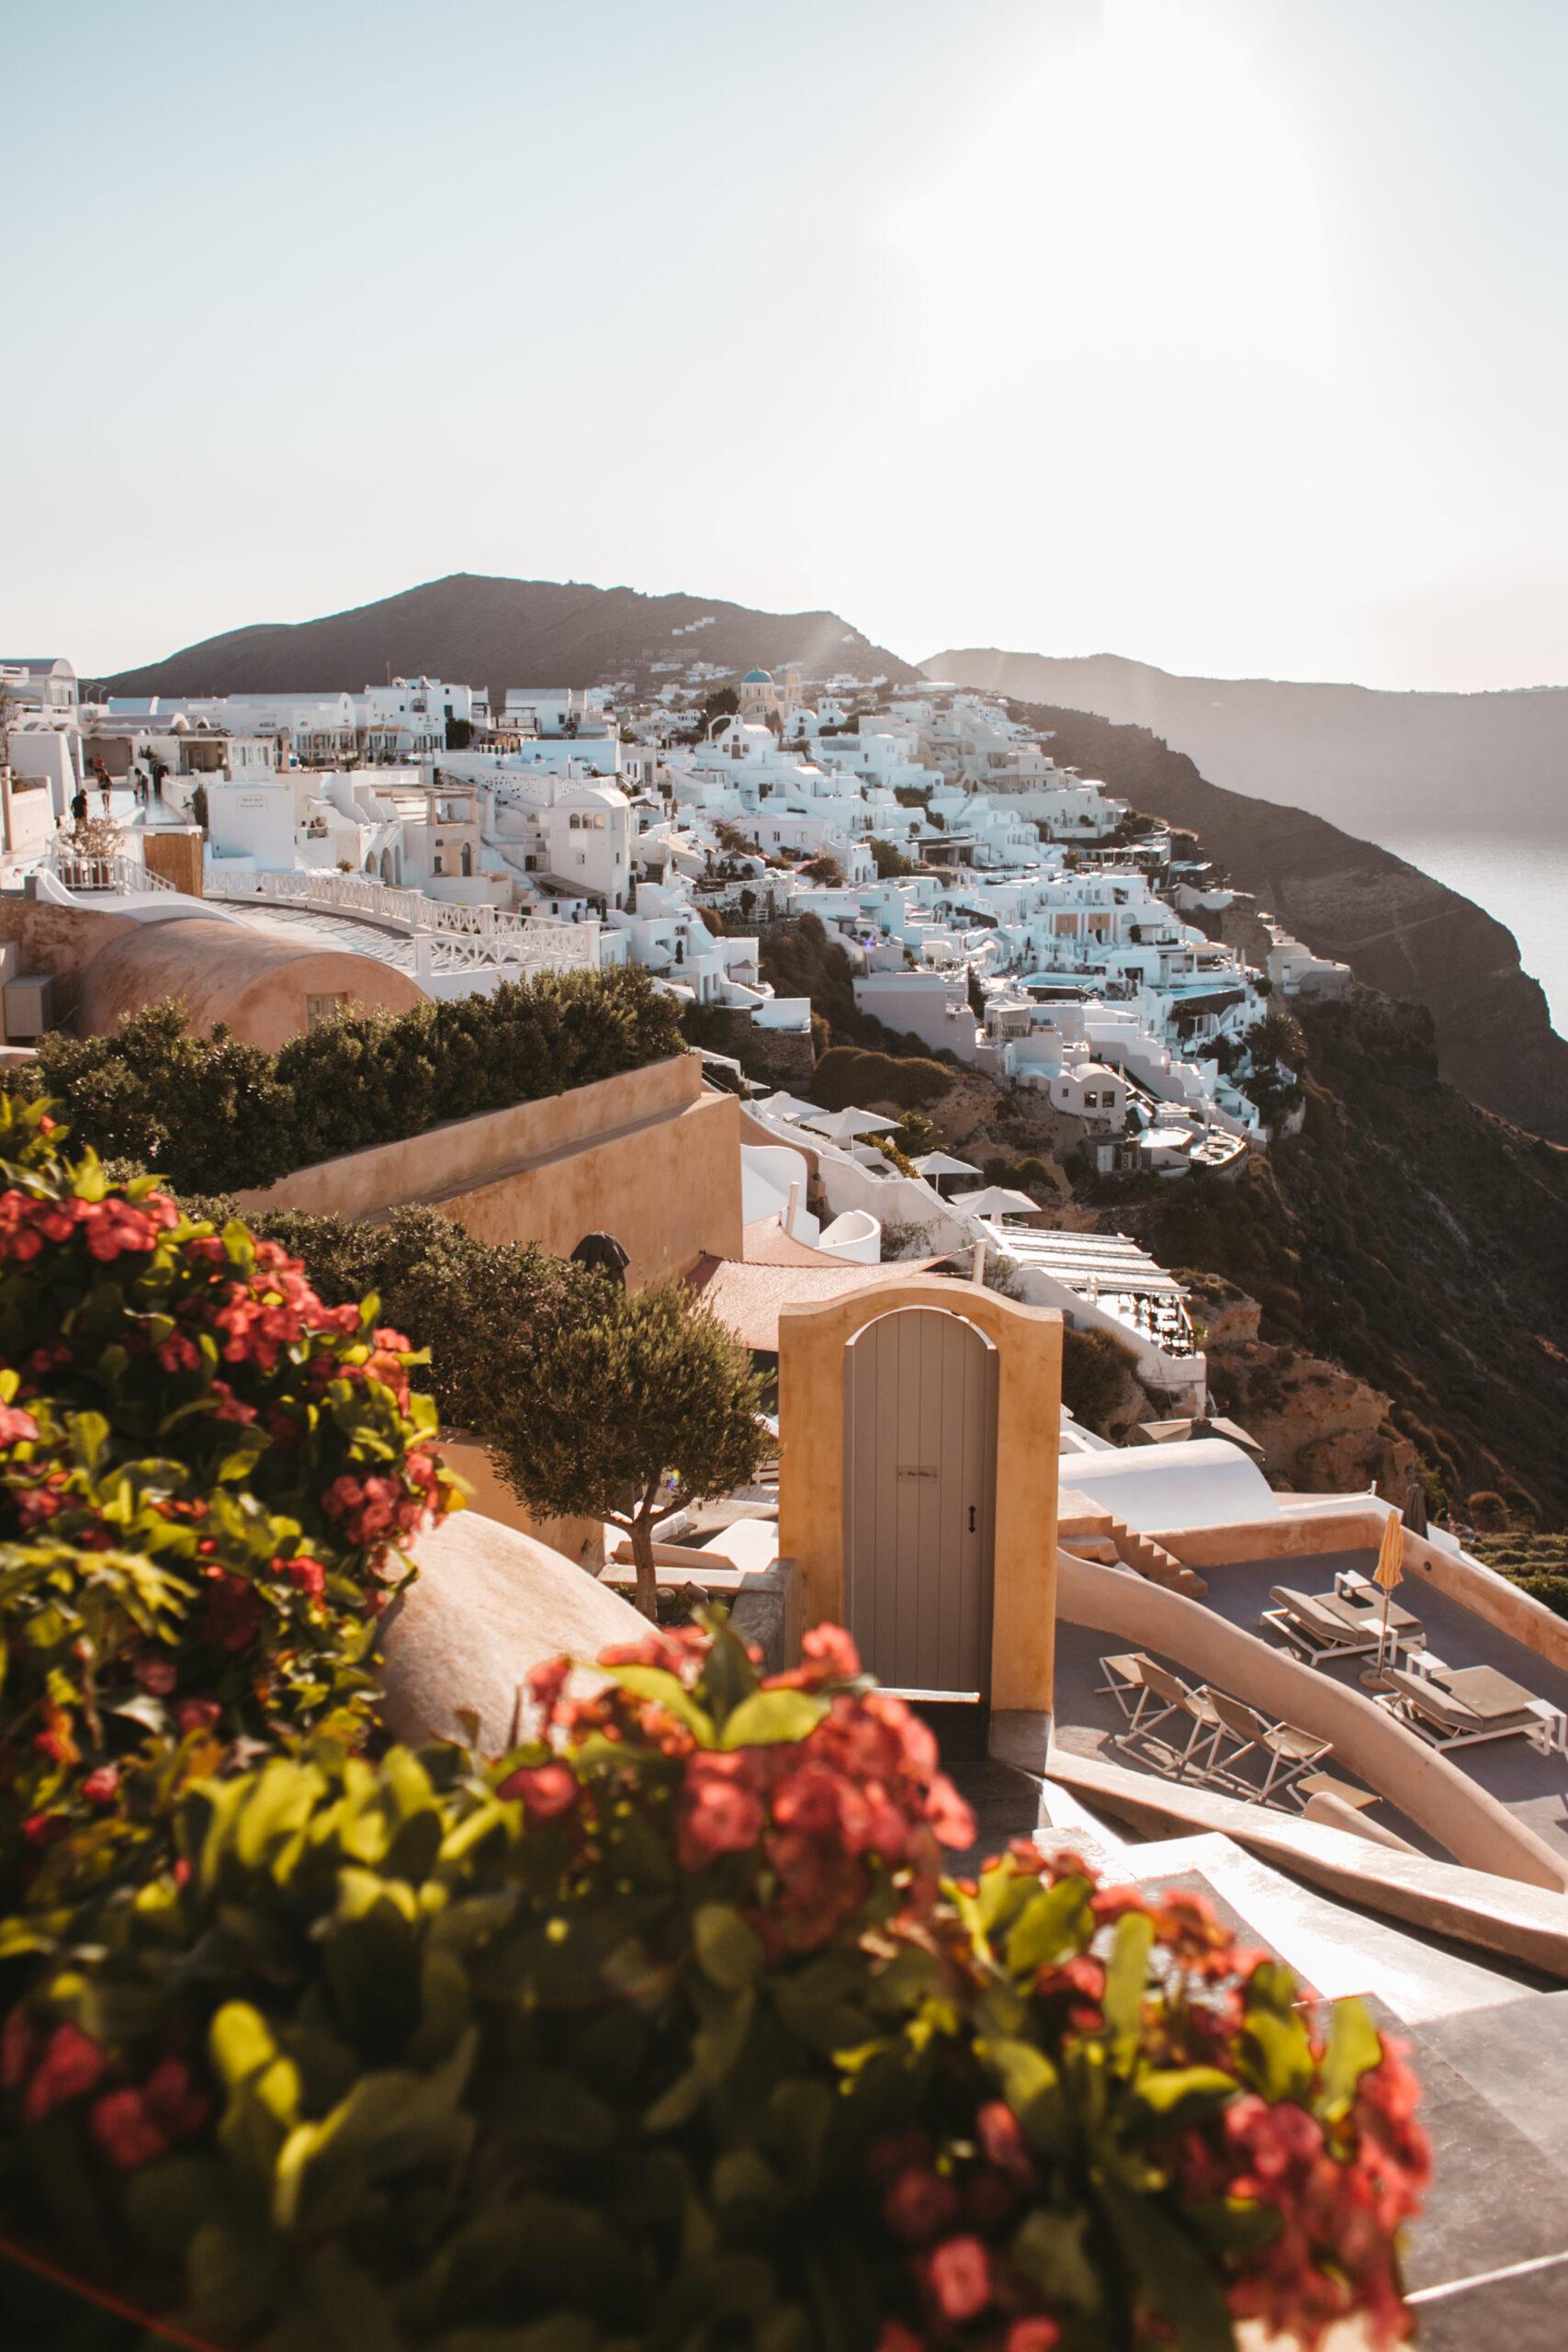 Santorini caldera, kaldera, Oia, wschód słońca, białe domki, kwiaty, Grecja